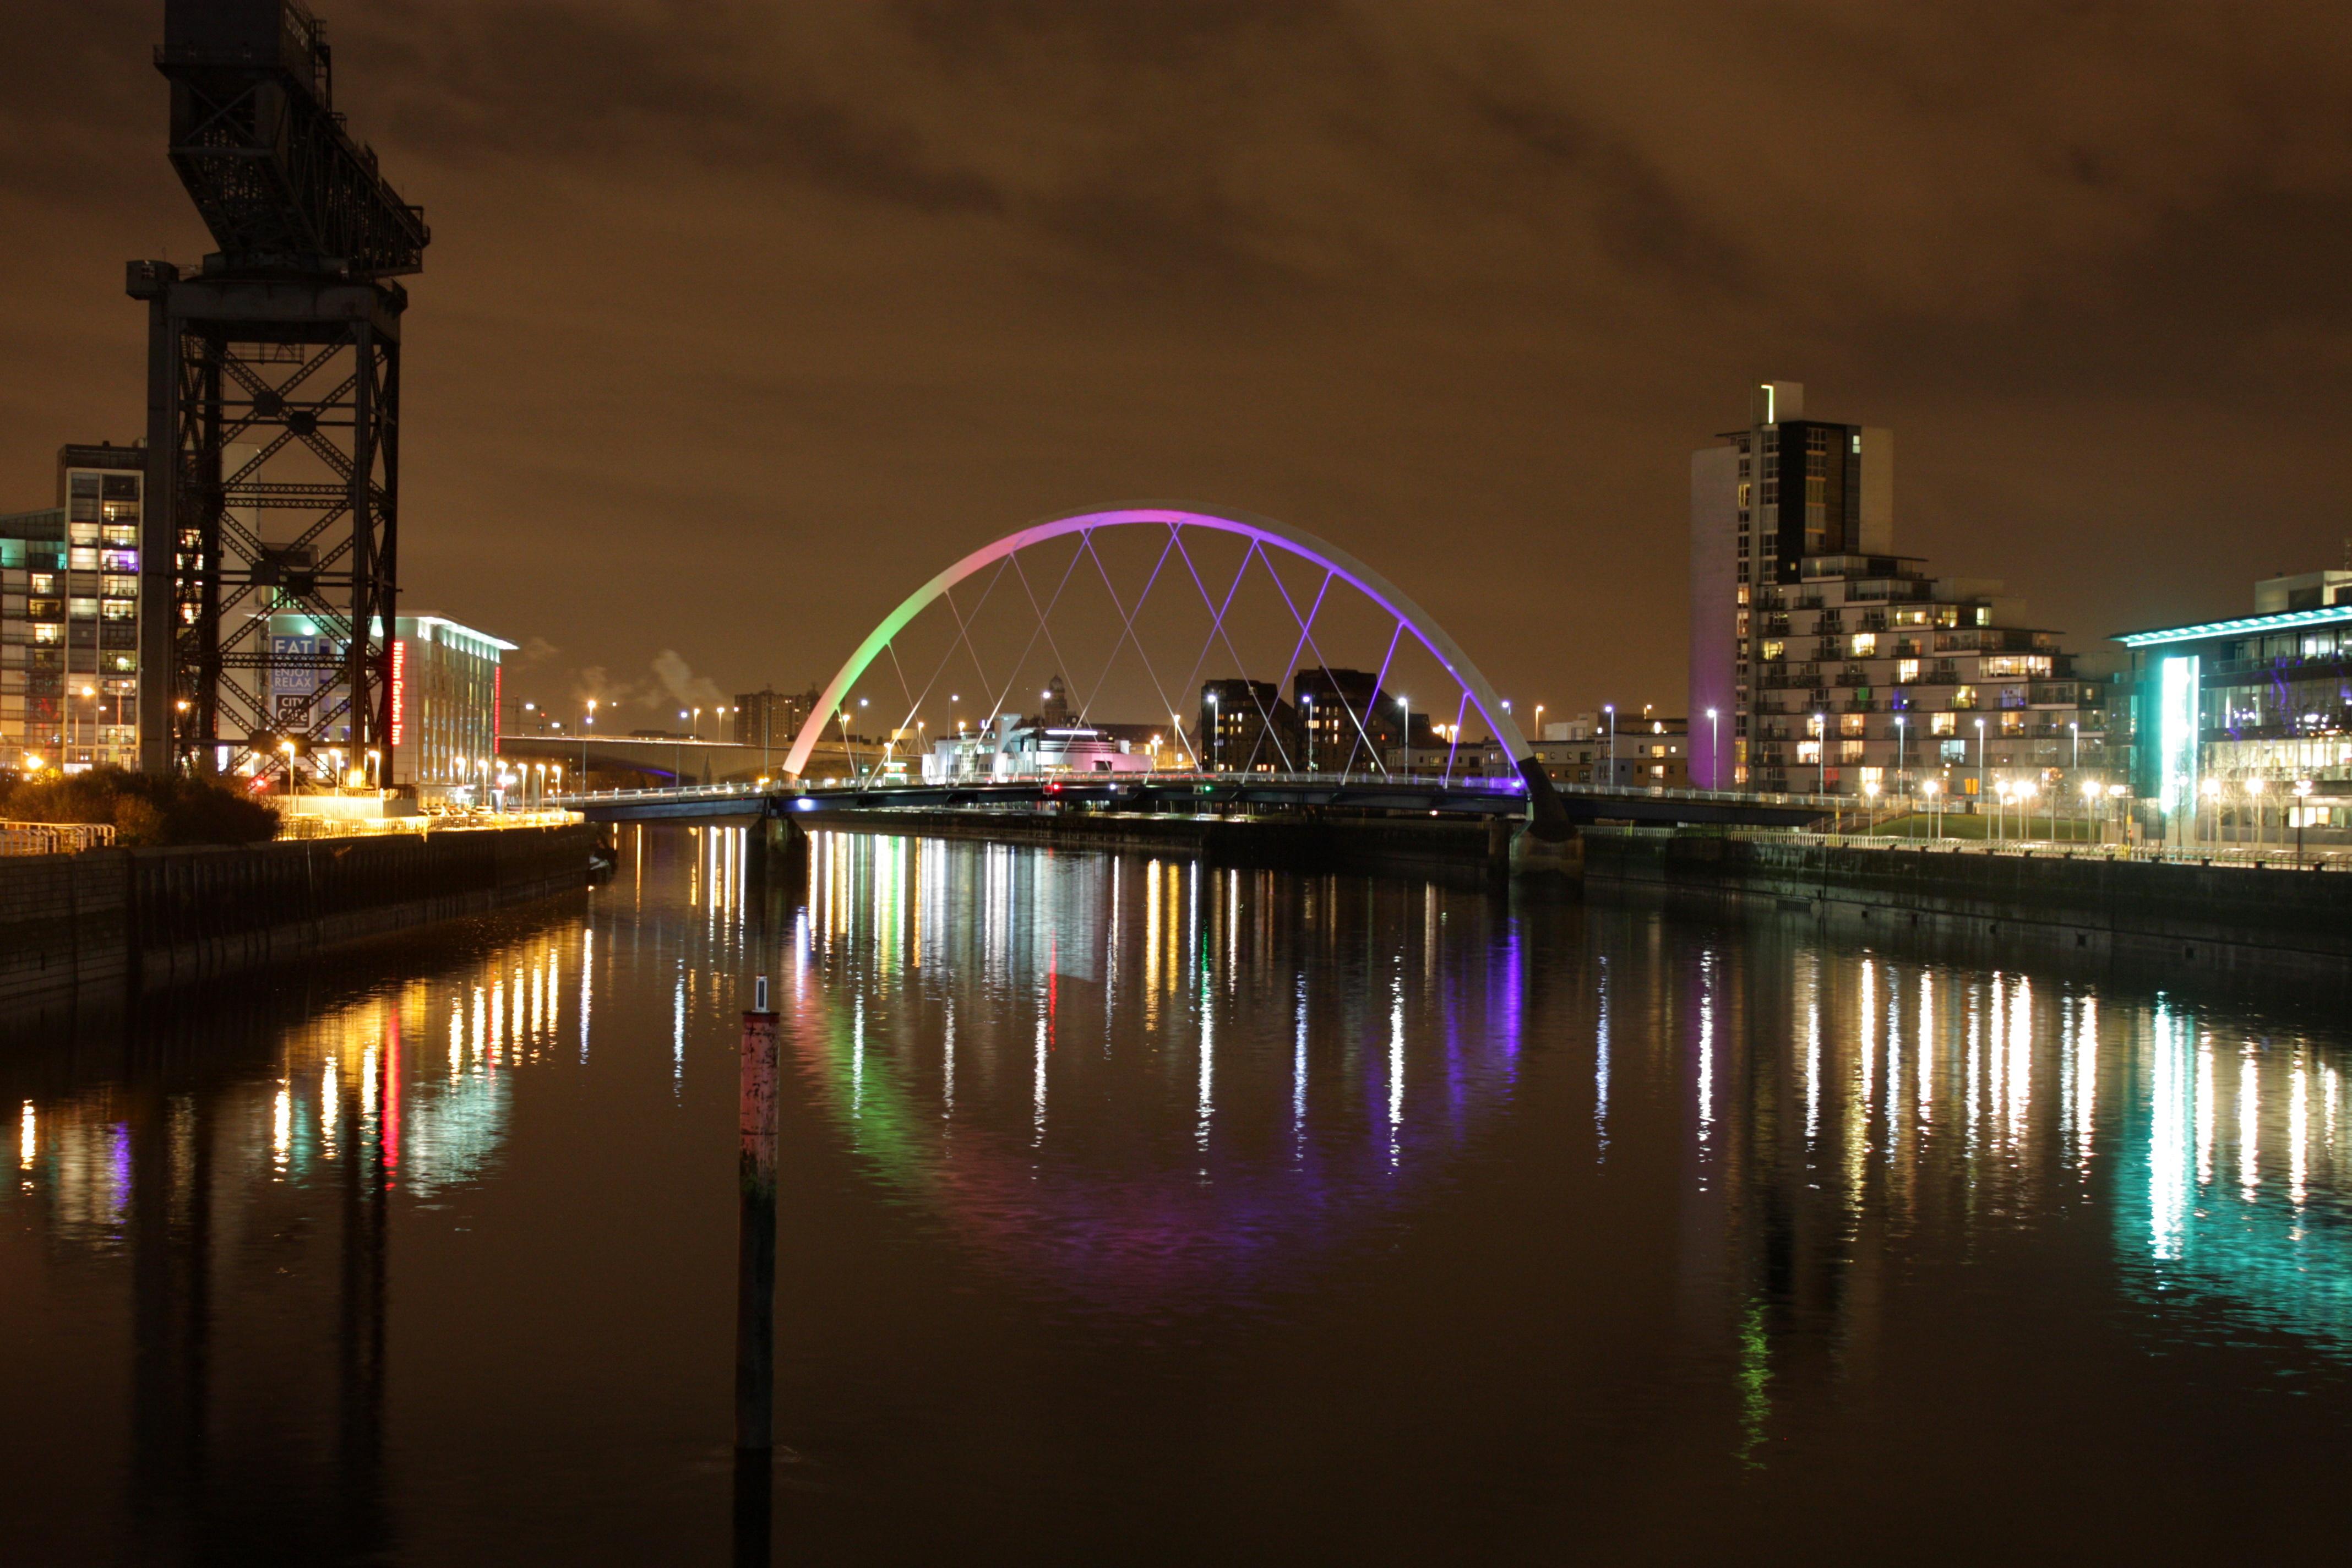 Glasgow - Under The Lights